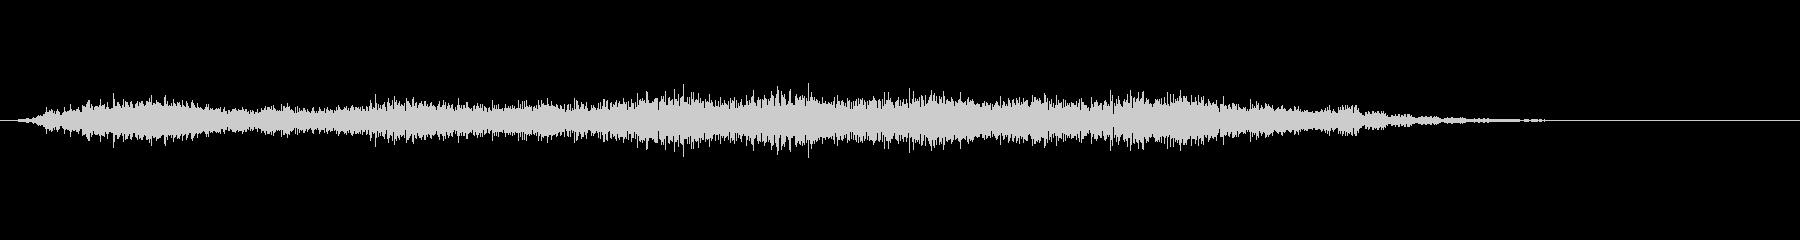 4「奇妙な音、不快な音、飲み込まれ」の未再生の波形